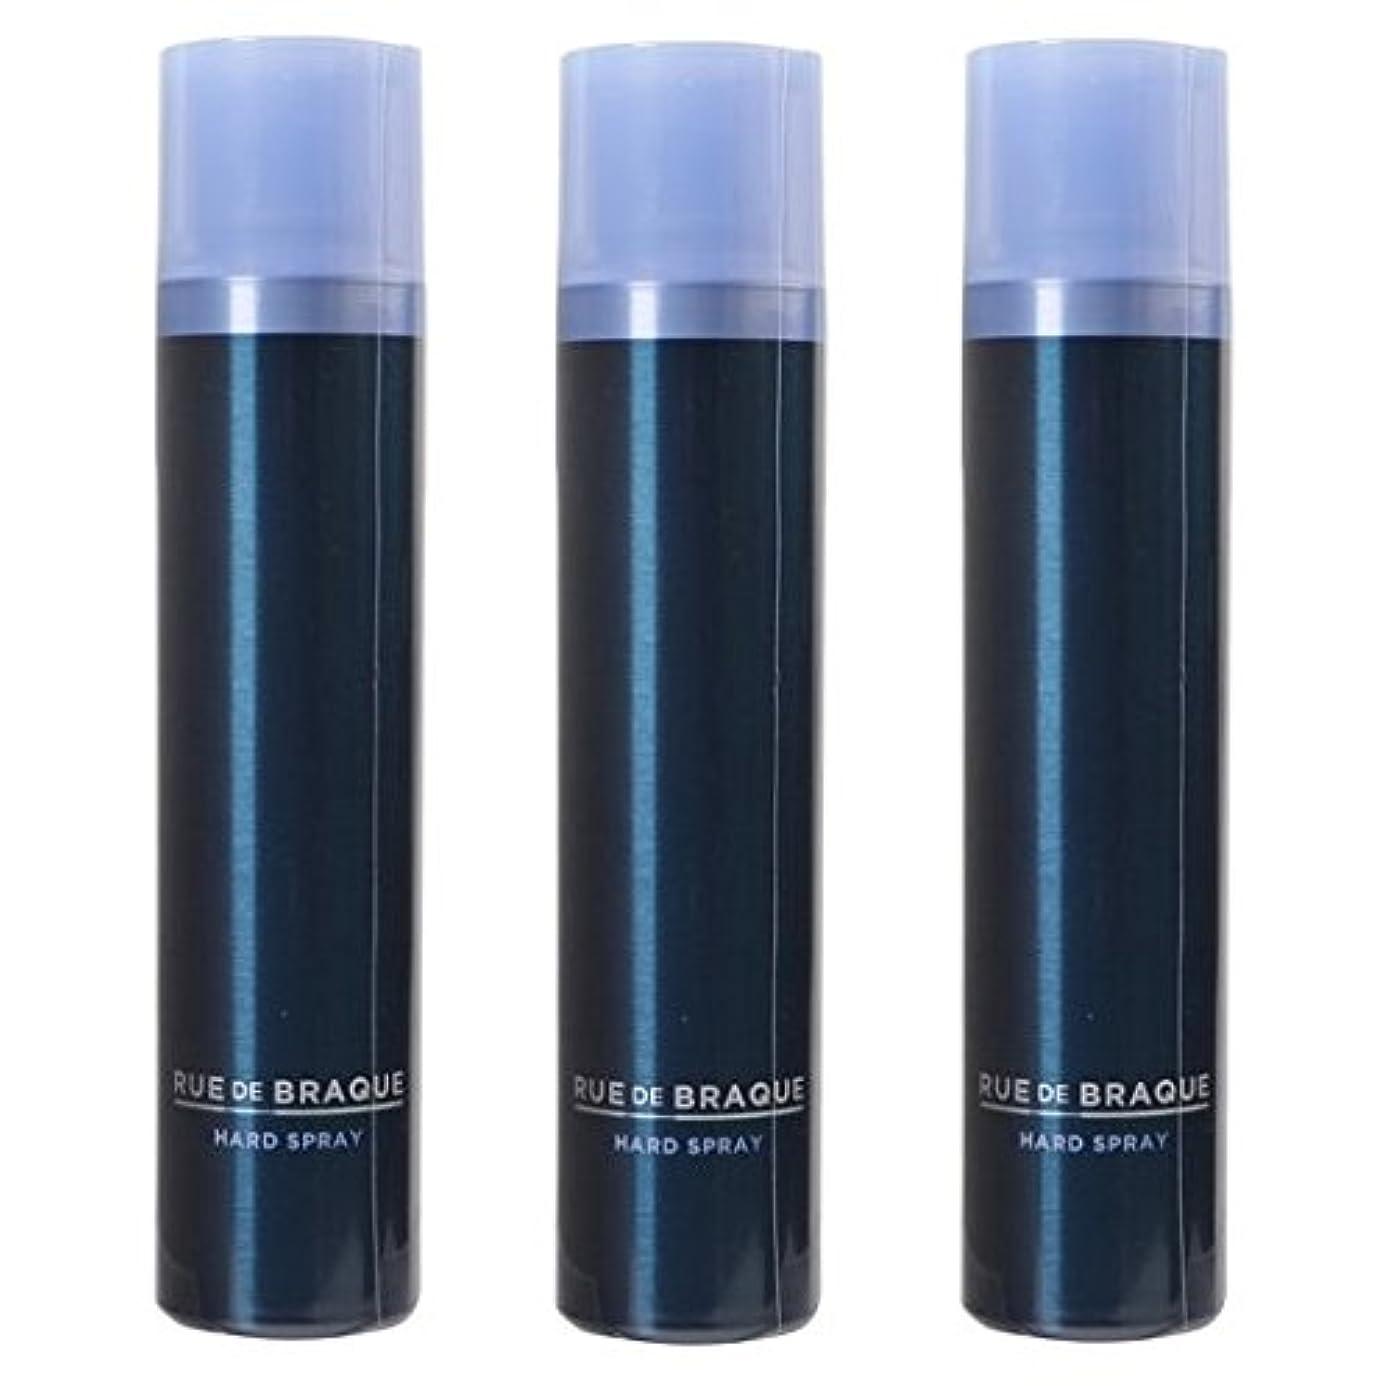 反動先見の明見込みタマリス ルードブラック ハードスプレー 180g ×3個セット TAMARIS RUE DE BRAQUE 男性用ヘアケア メンズヘアケア メンズケア